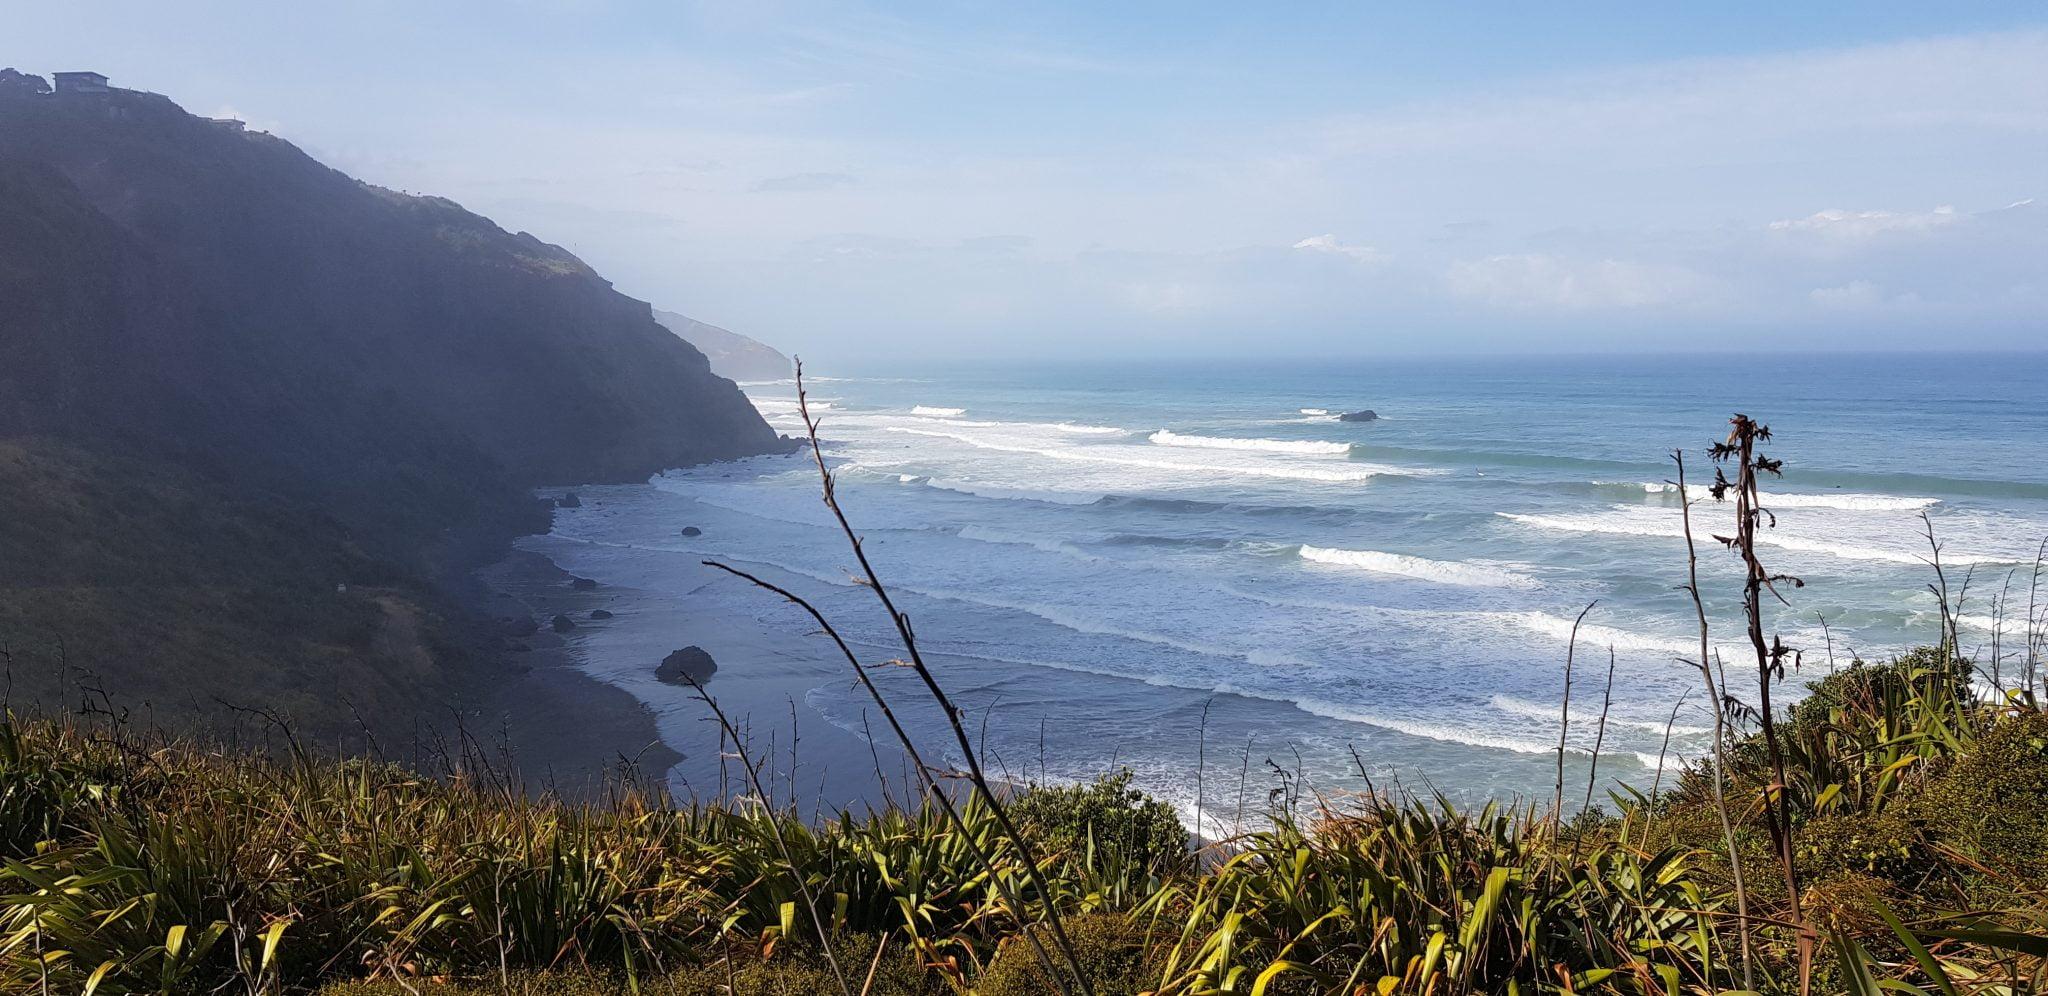 Rough black sand beach with dark cliffs and surf